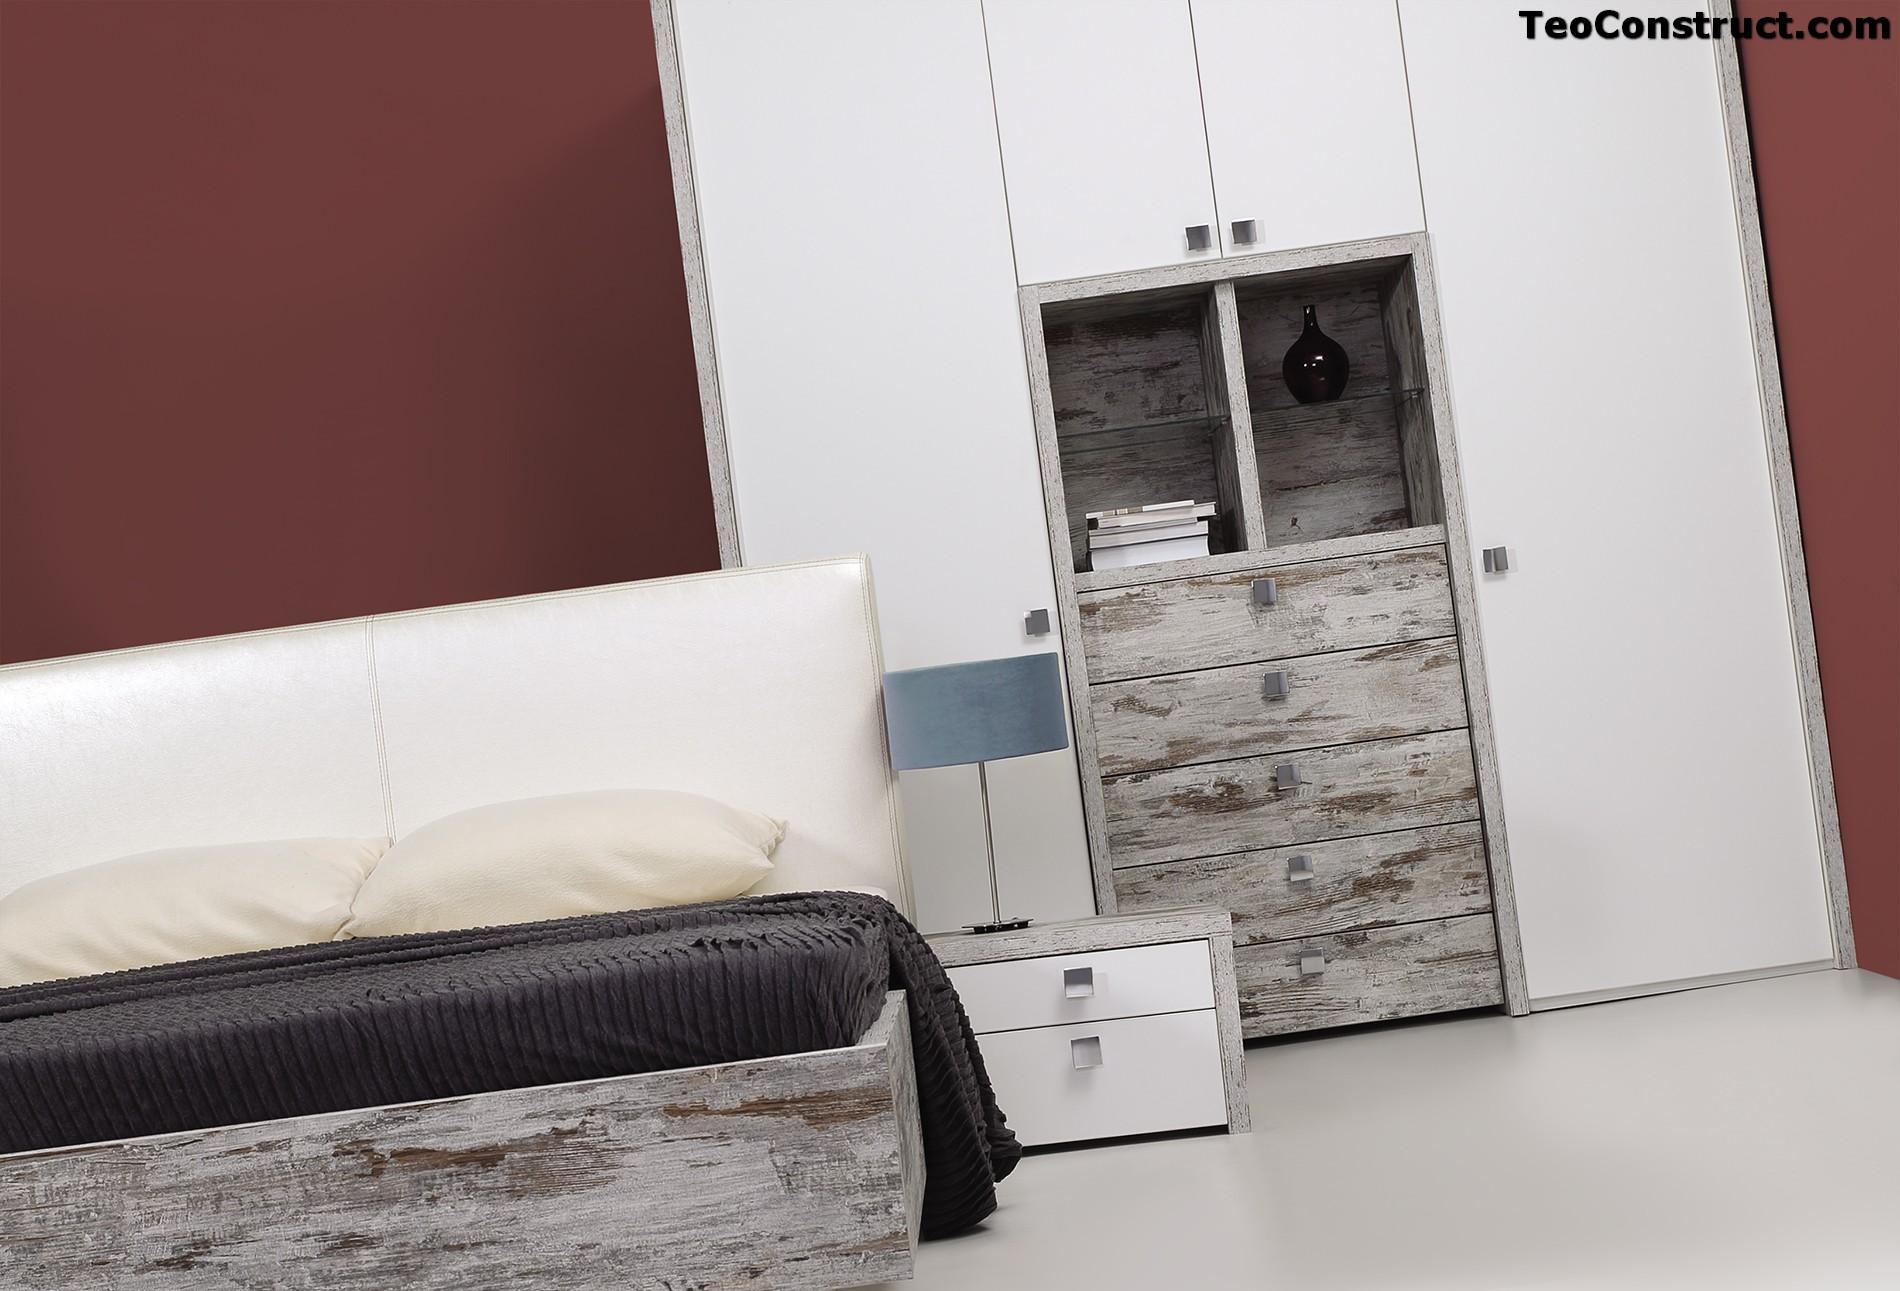 Dormitor de calitate Antique02